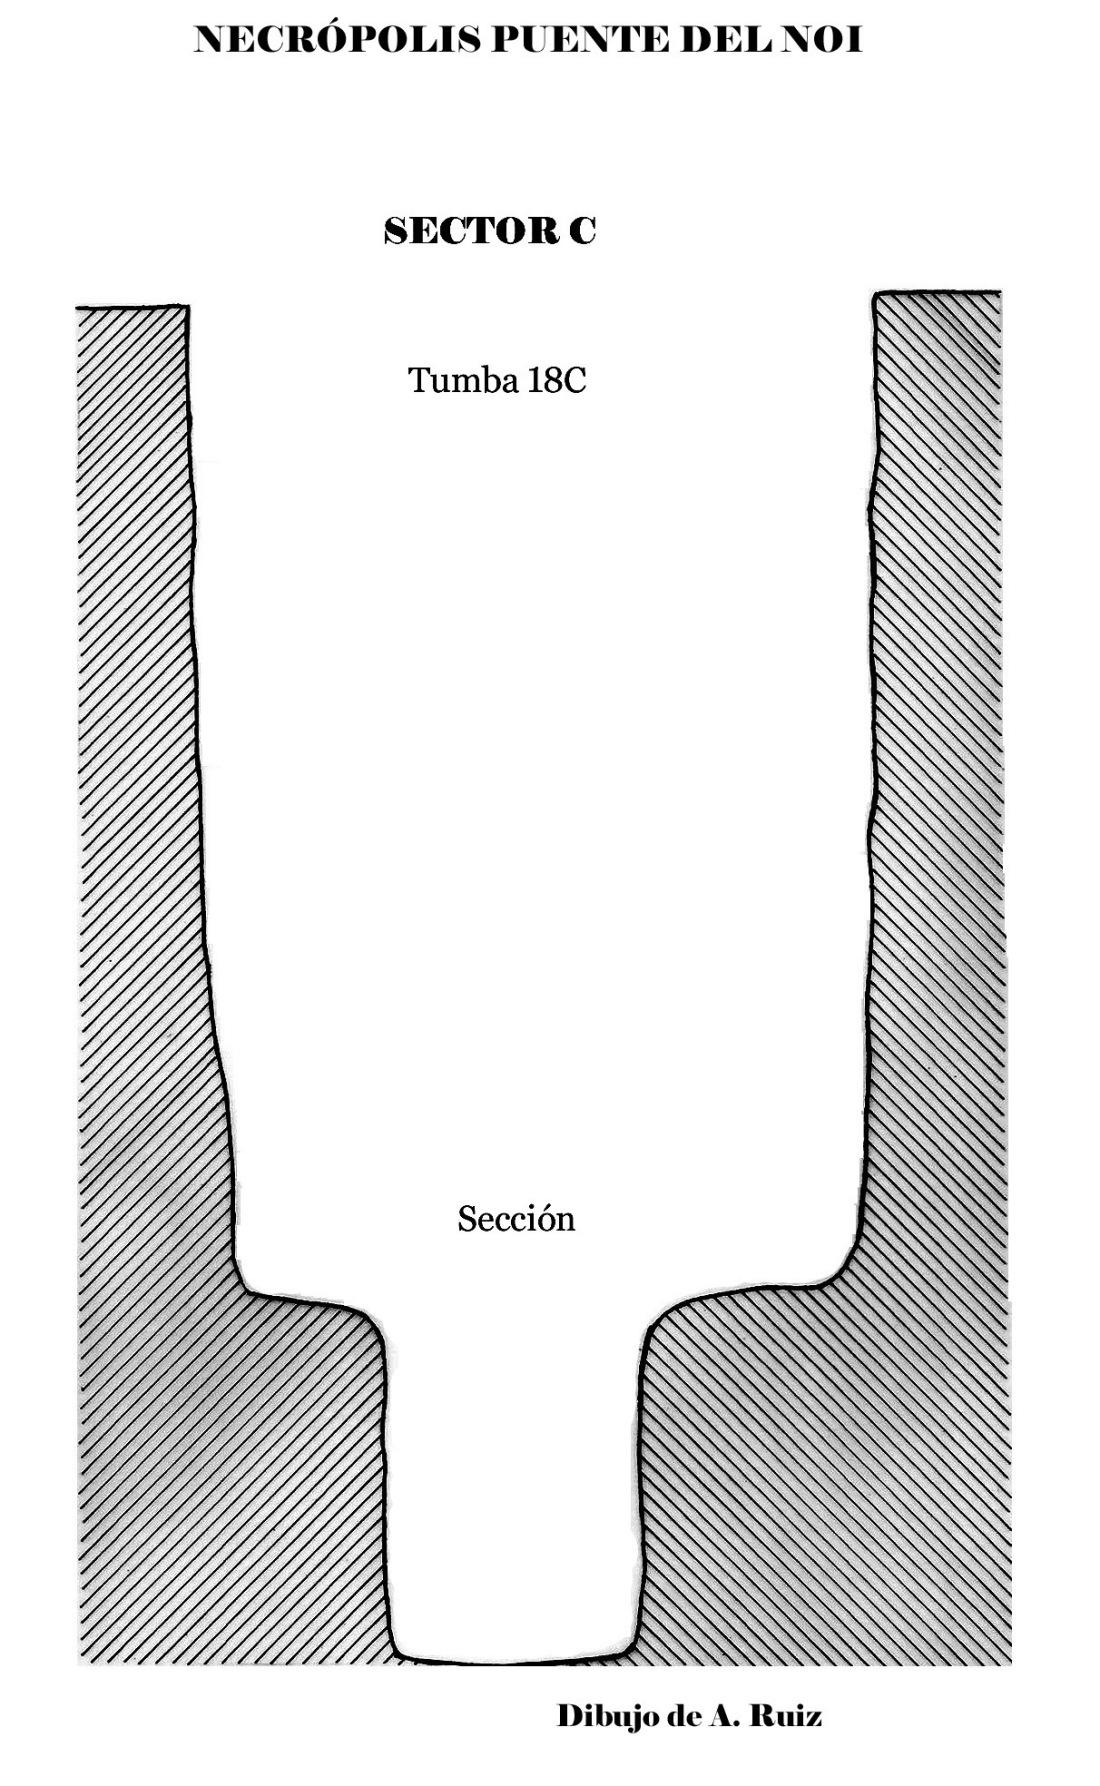 18-1Puente del Noi sector 18C1 copia (2)